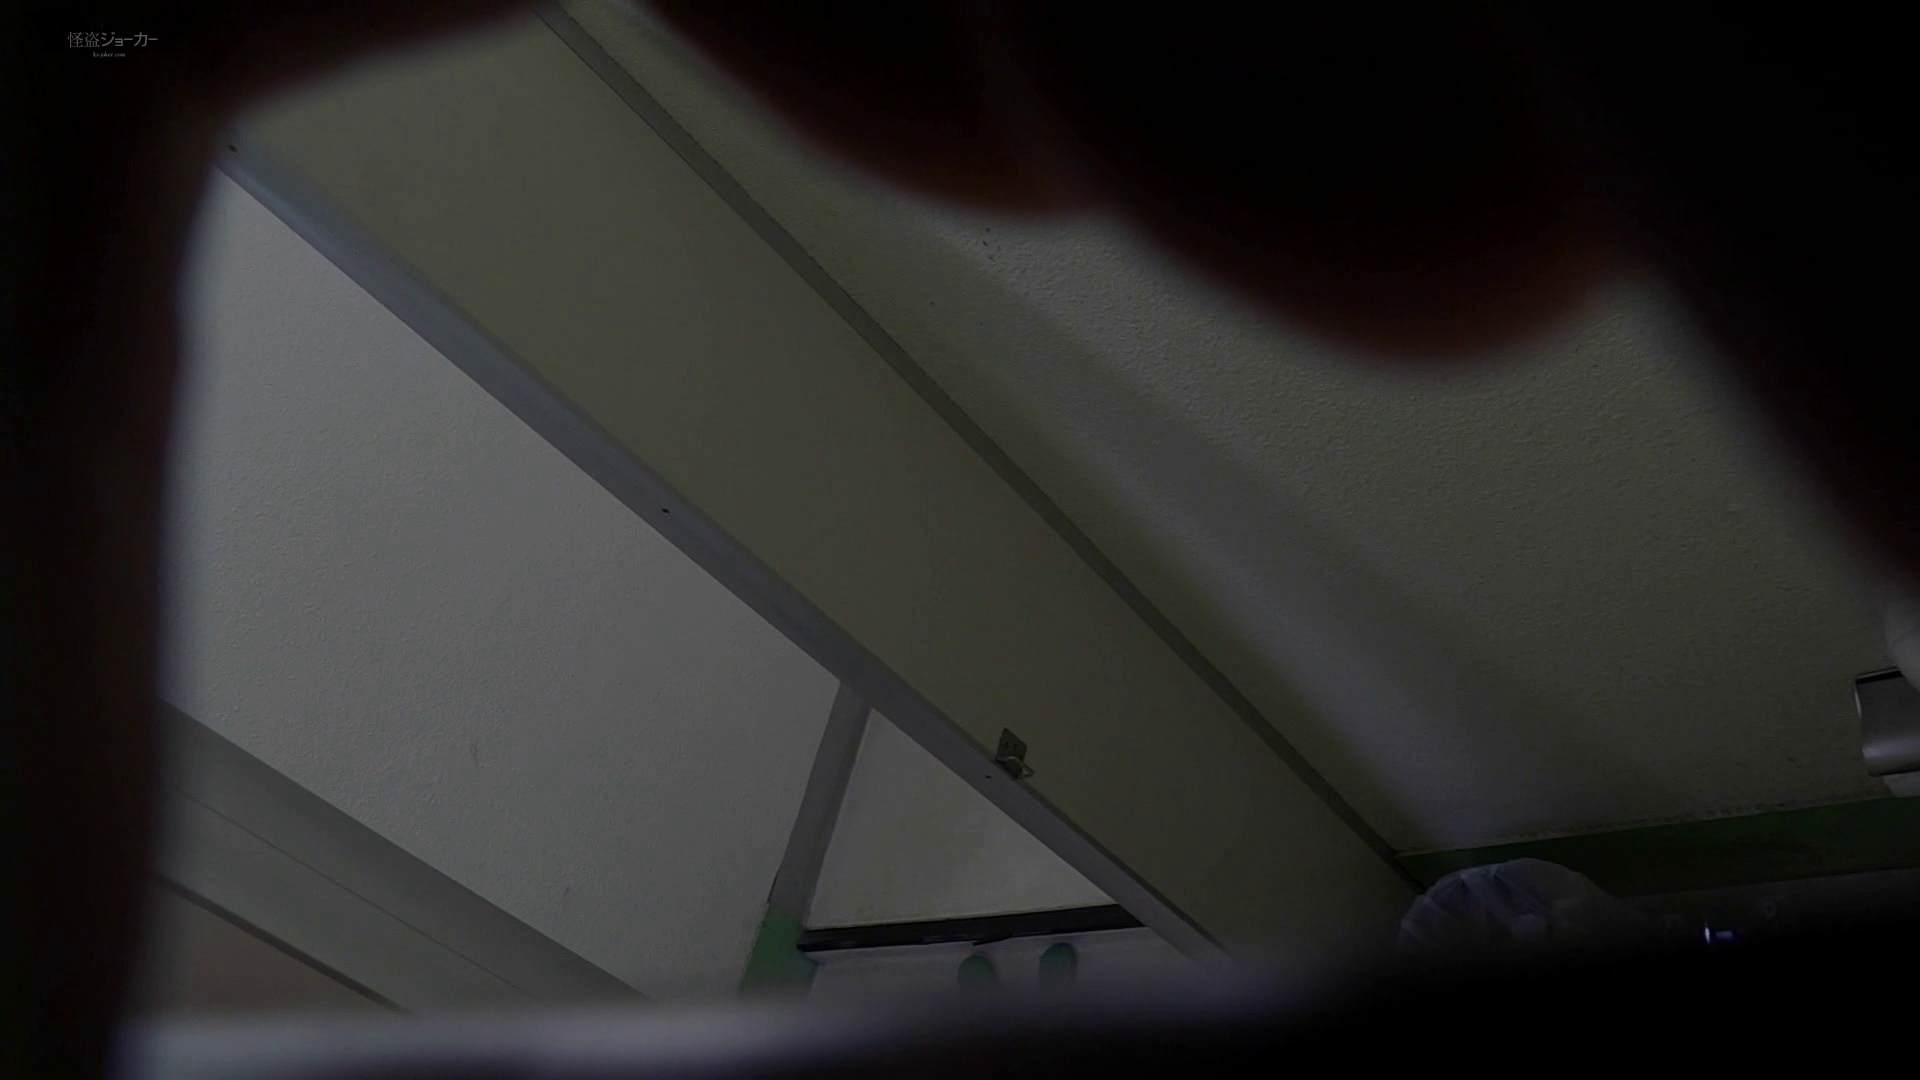 美しい日本の未来 No.03 本格化!【2015・04位】 ギャル攻め ワレメ無修正動画無料 106画像 56